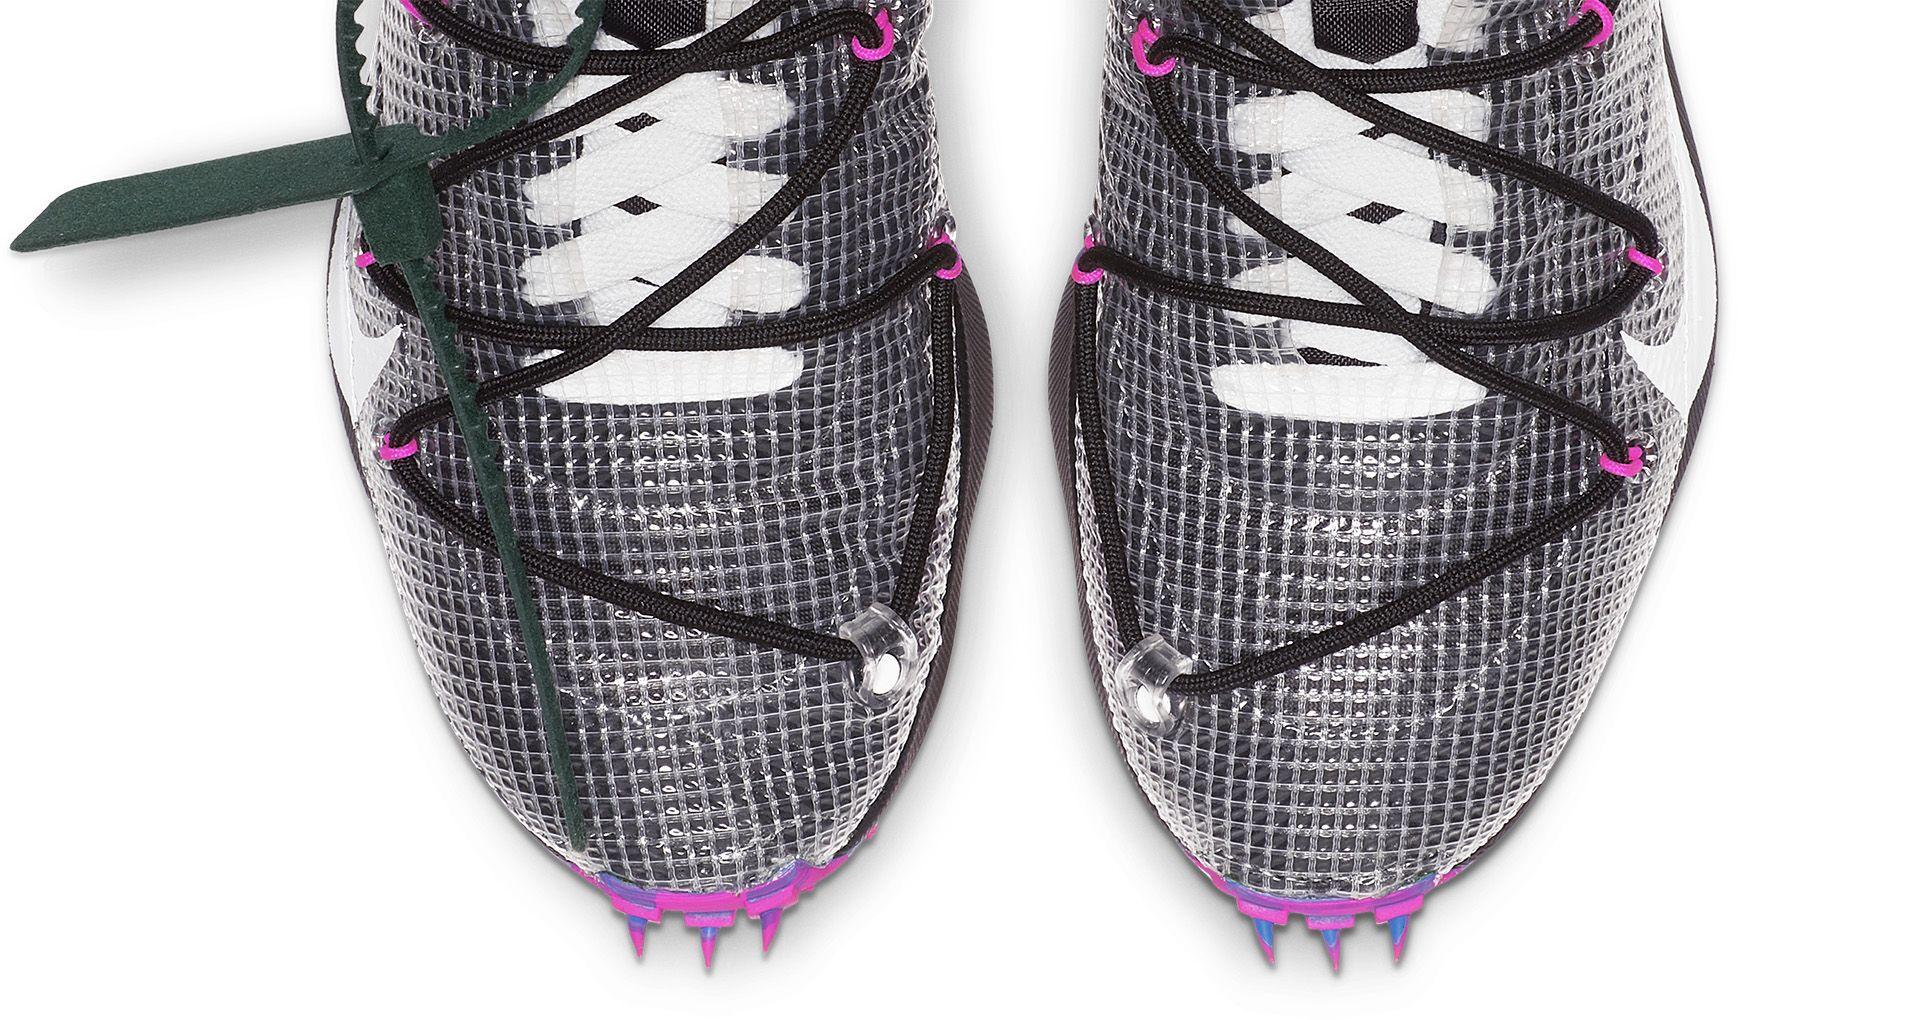 Nike x Off White Vapor Street